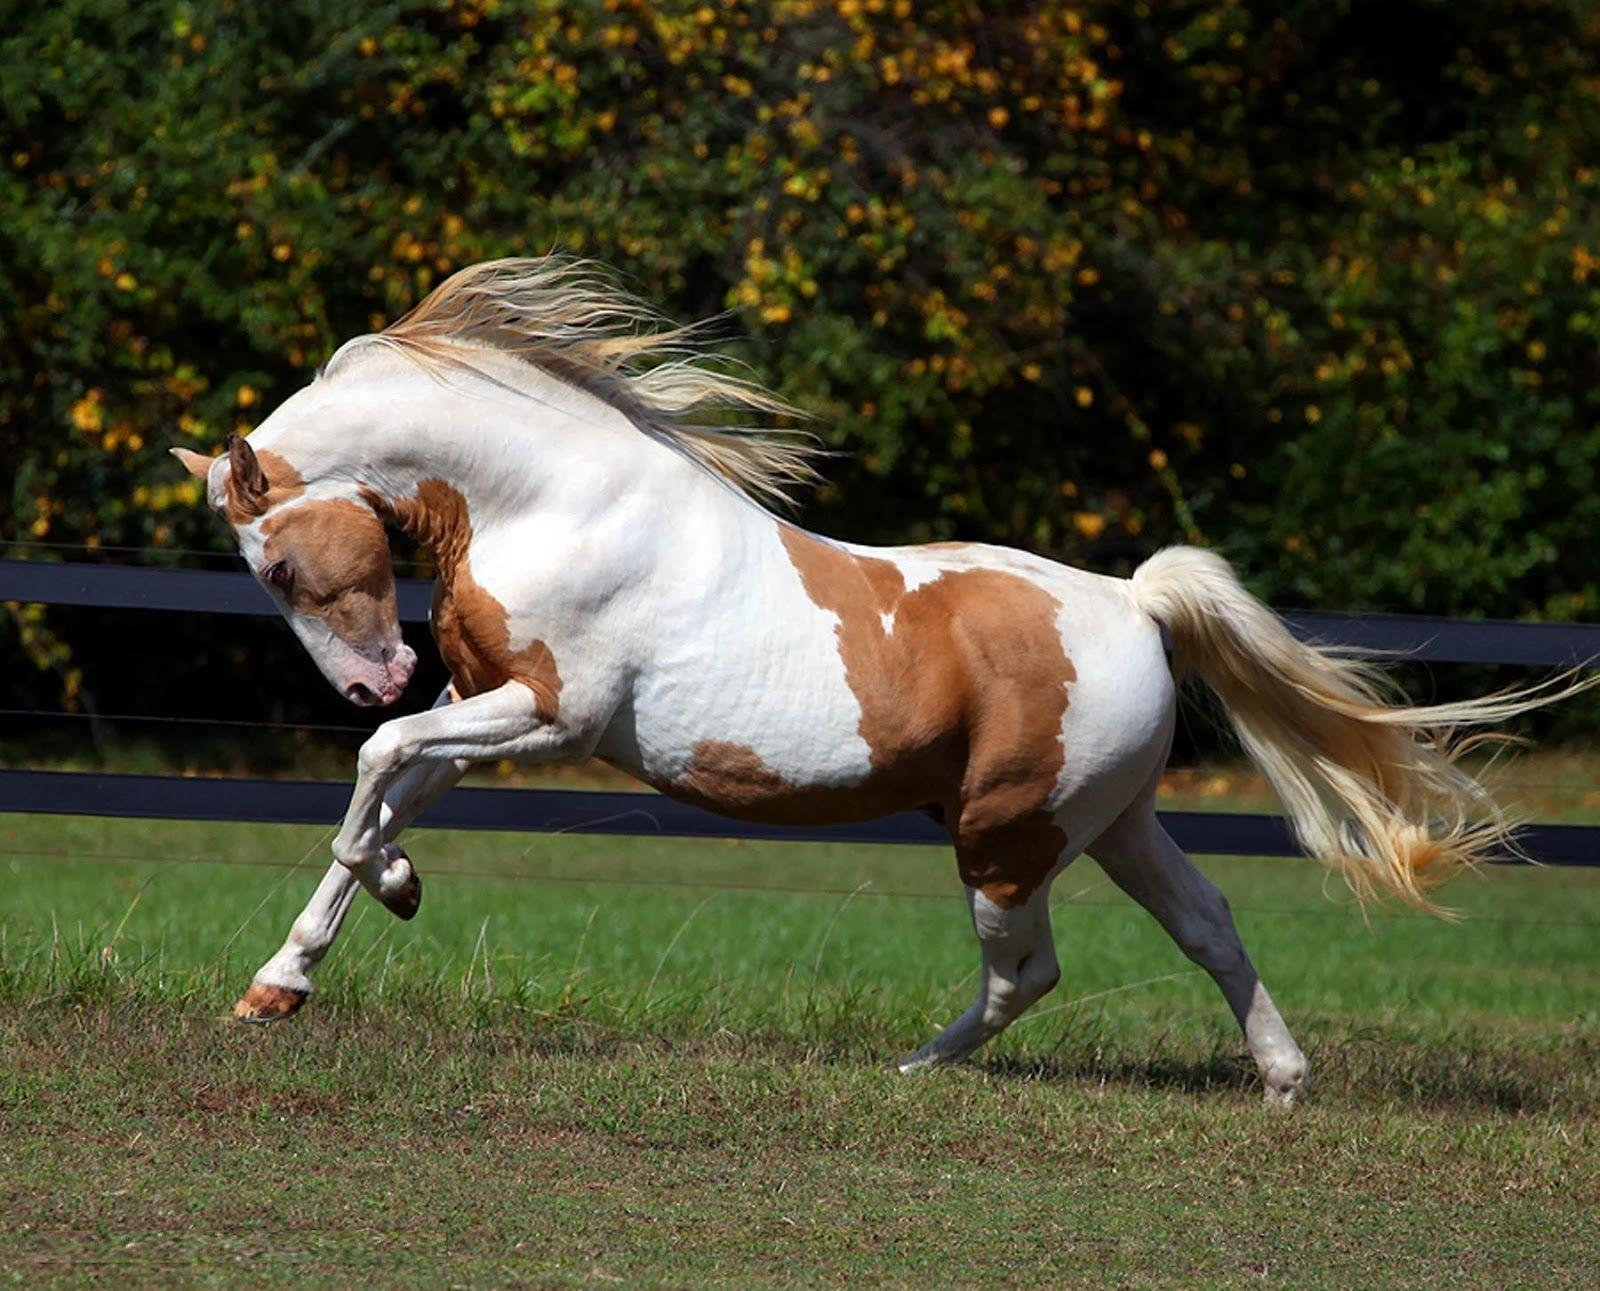 Chestnut Horse Wallpaper 1080p 8og Horses Horse Wallpaper